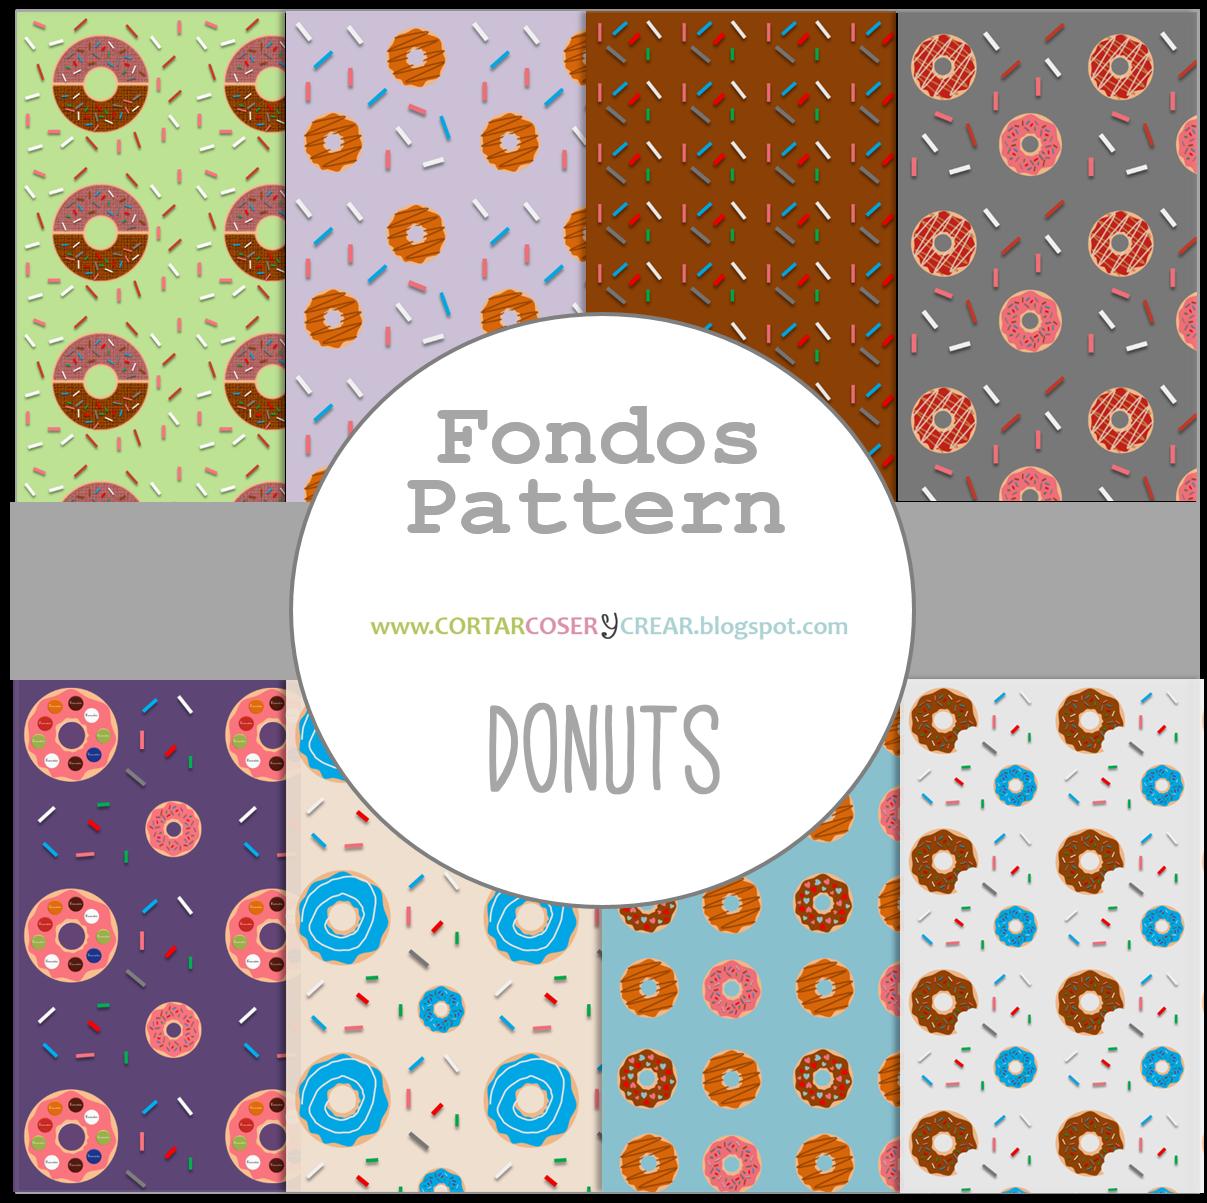 fondos pattern gratis donuts